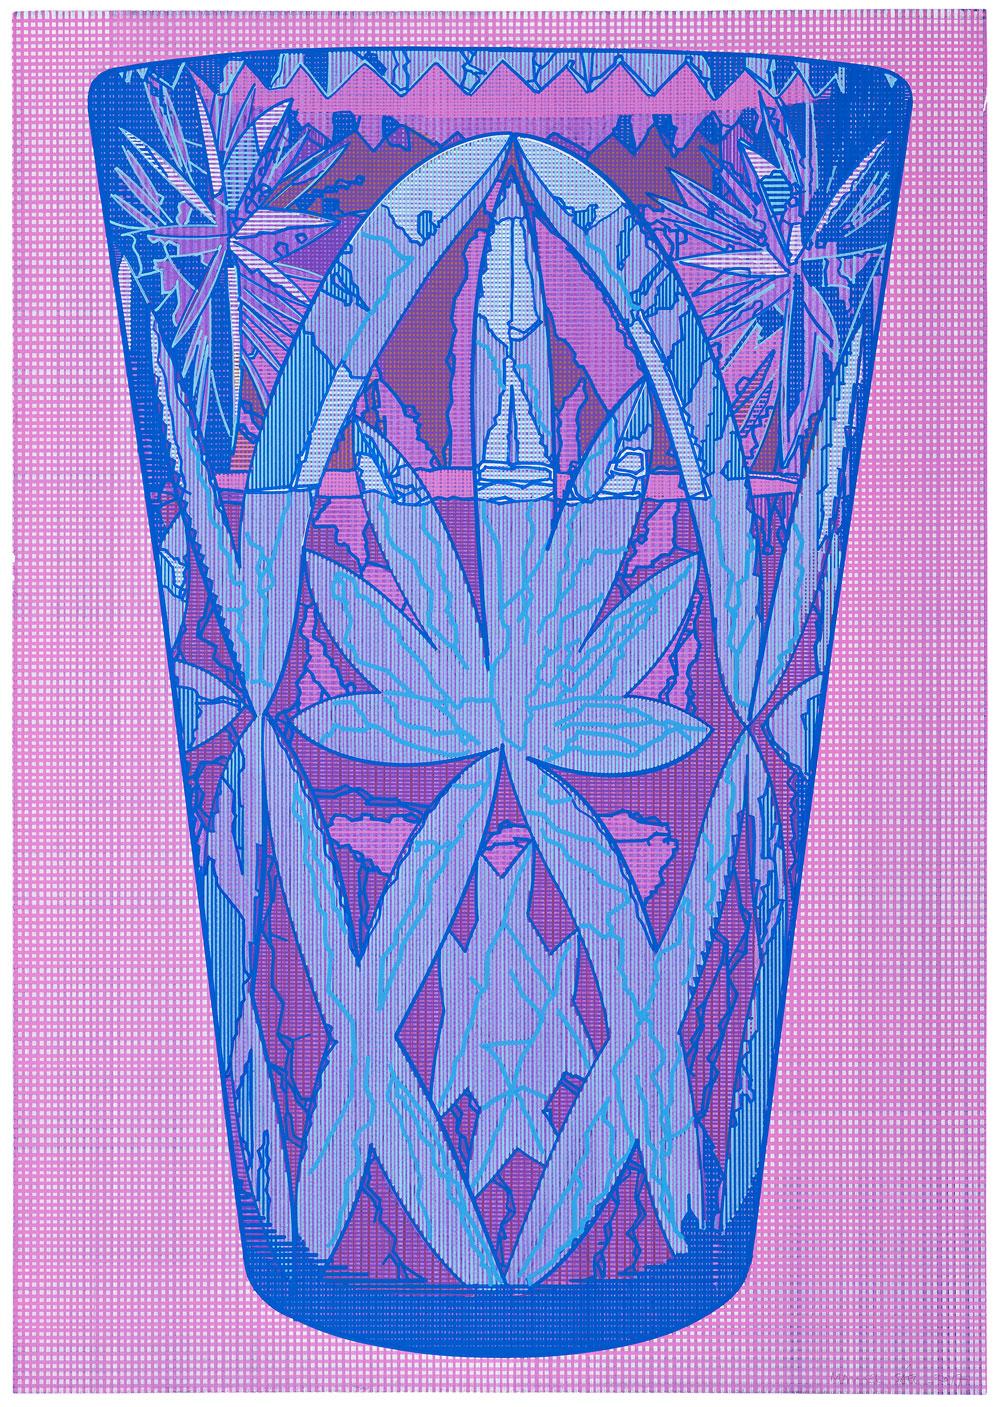 LZ (1), 2017. Acuarela y témpera sobre papel. 83 x 59 cm